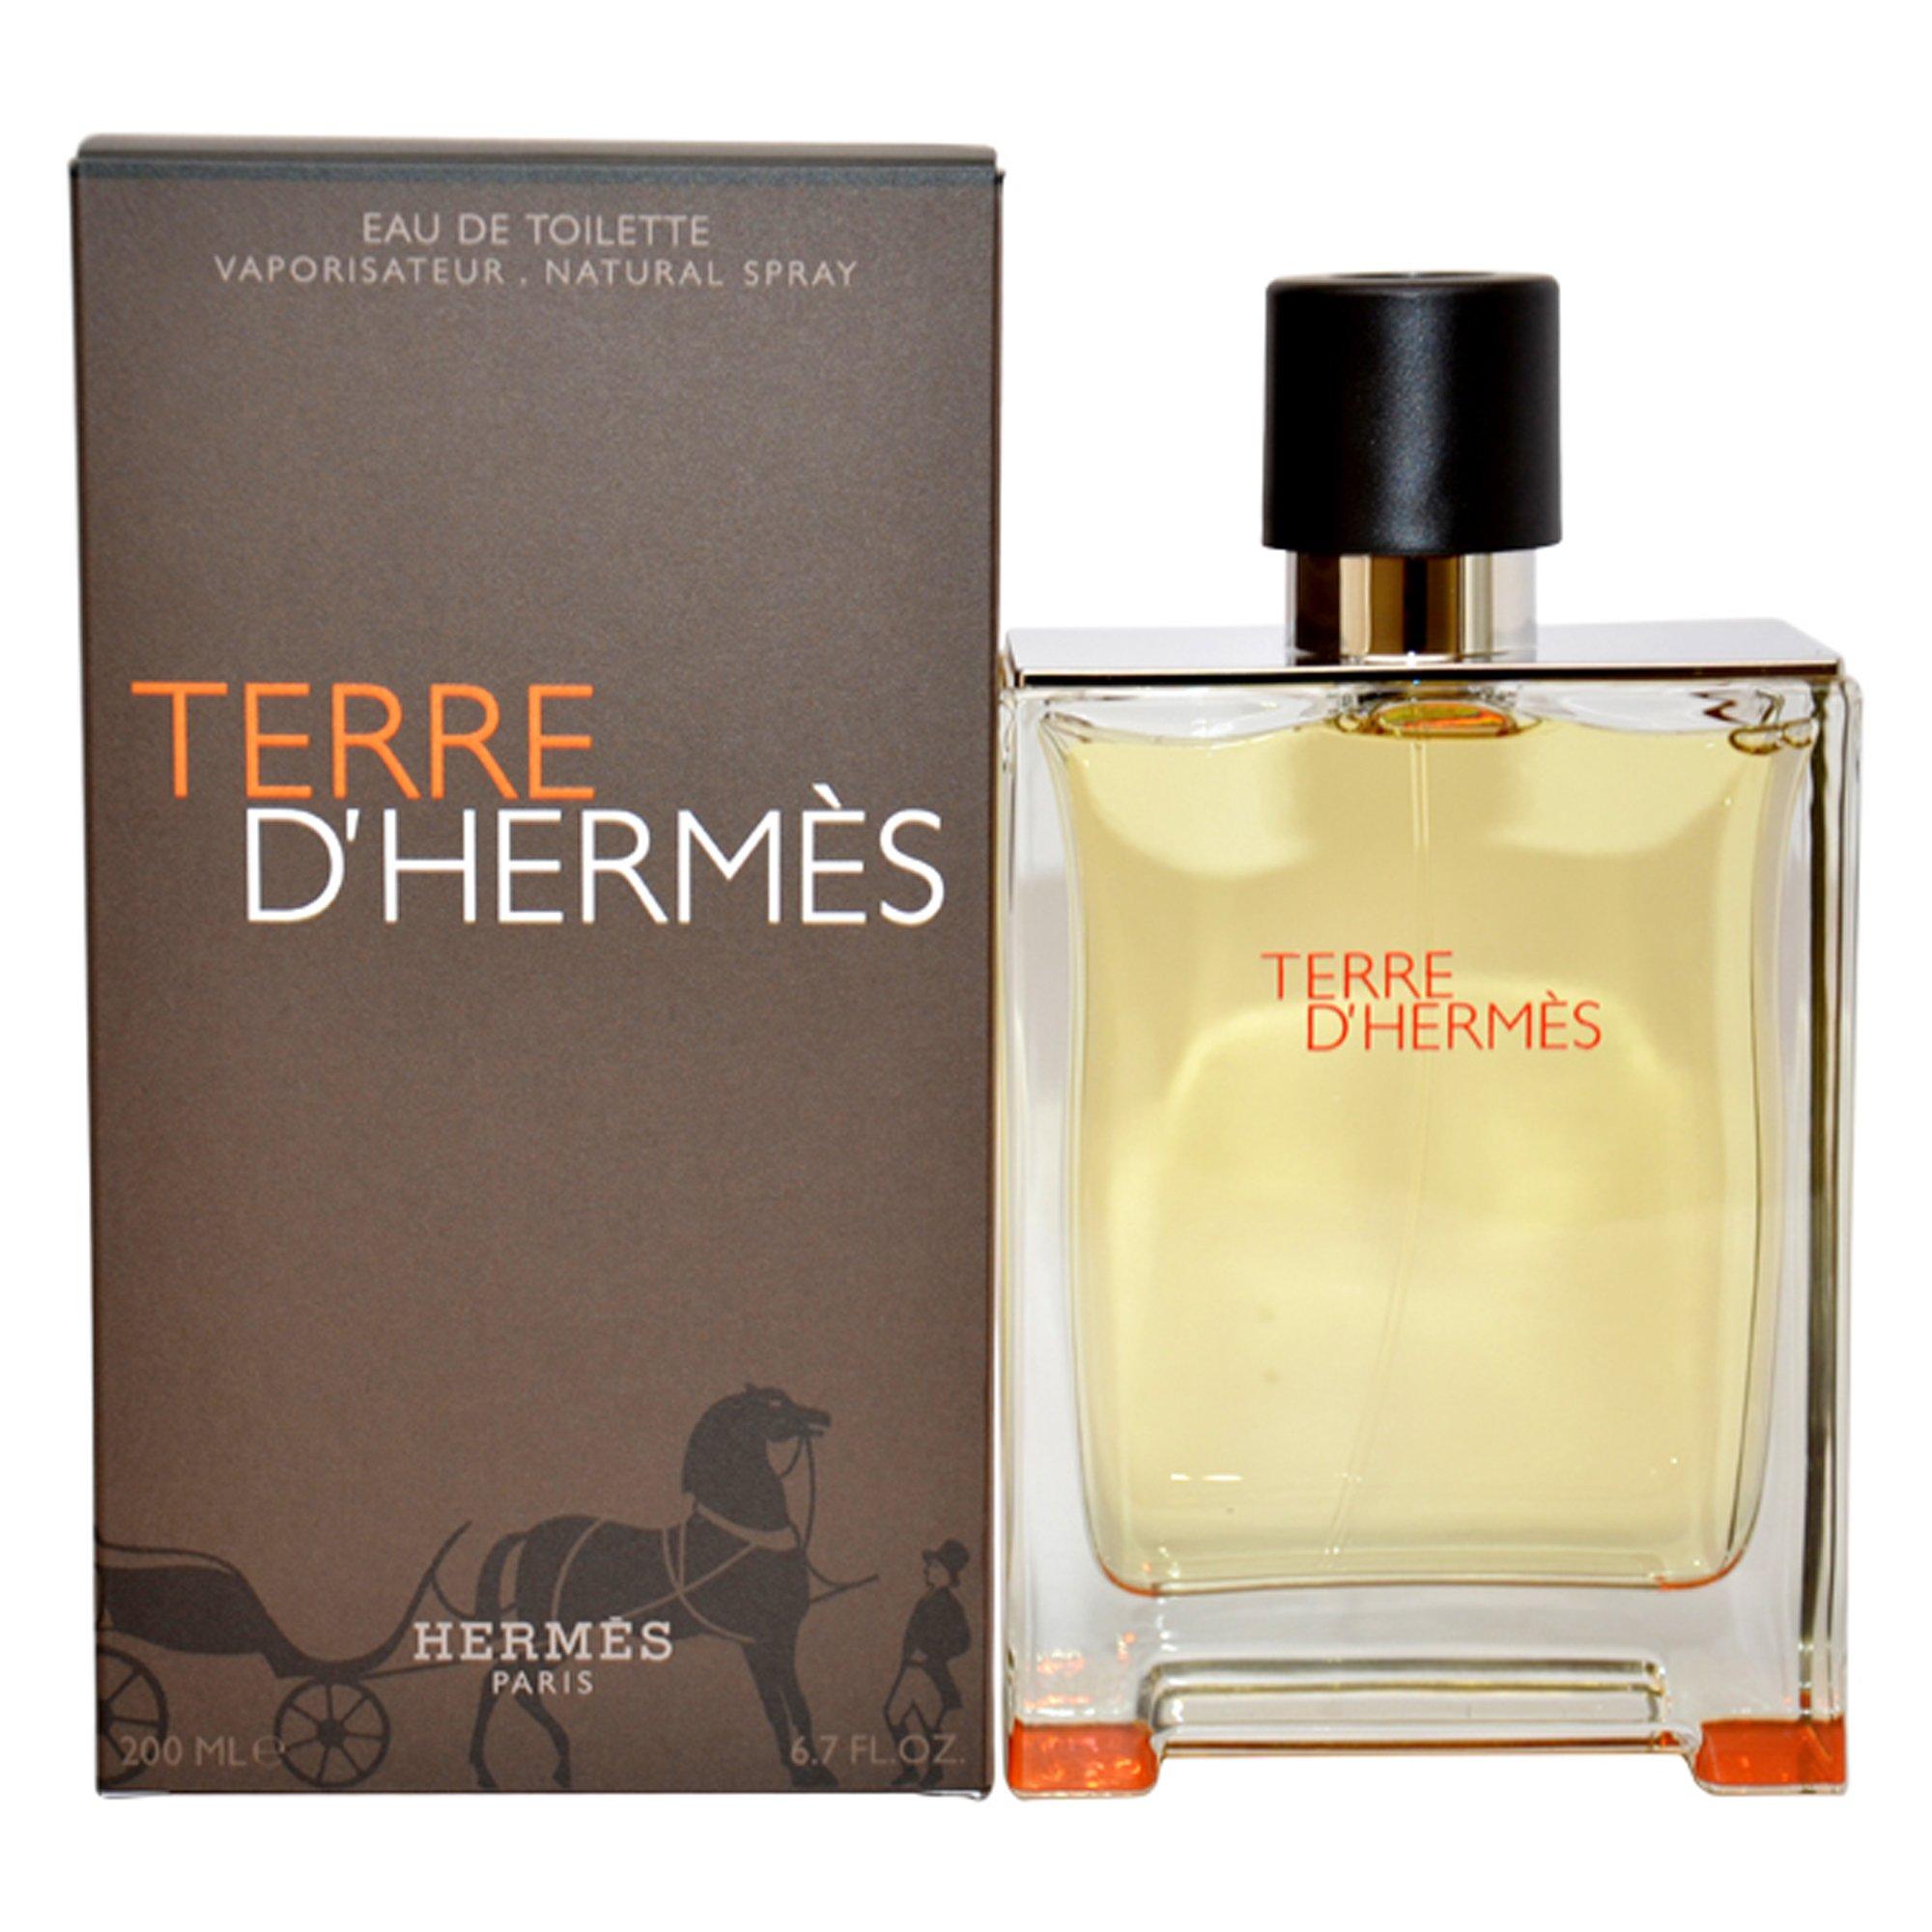 Terre D'Hermes by Hermes for Men - 6.7 oz EDT Spray